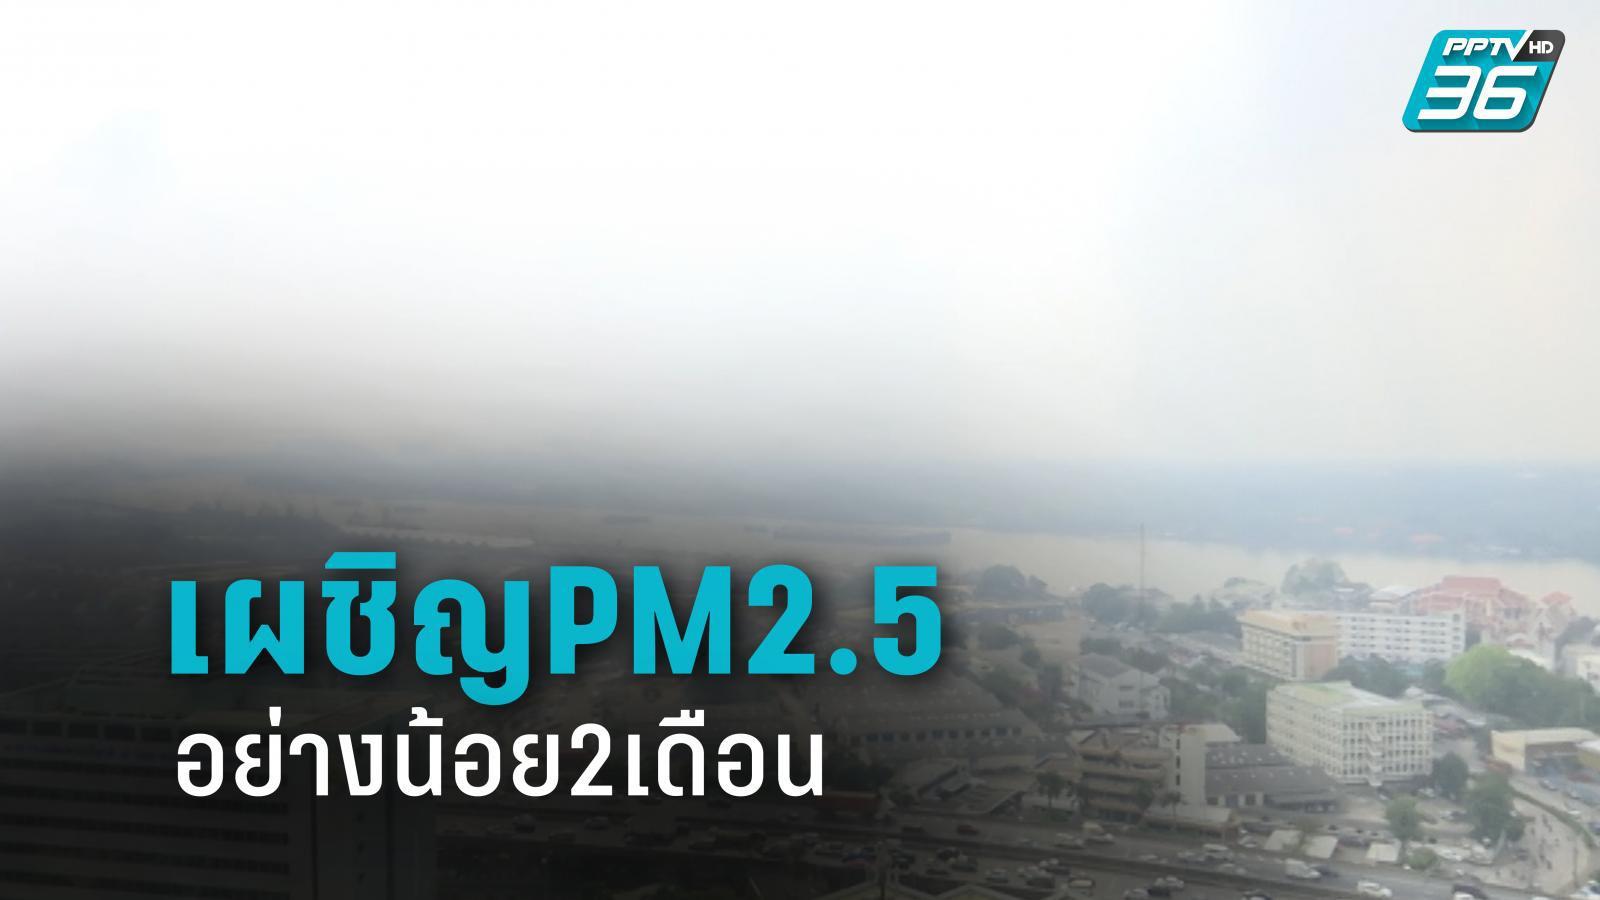 เตือนคนกรุงเผชิญวิกฤต PM2.5 อีกอย่างน้อย 2 เดือน